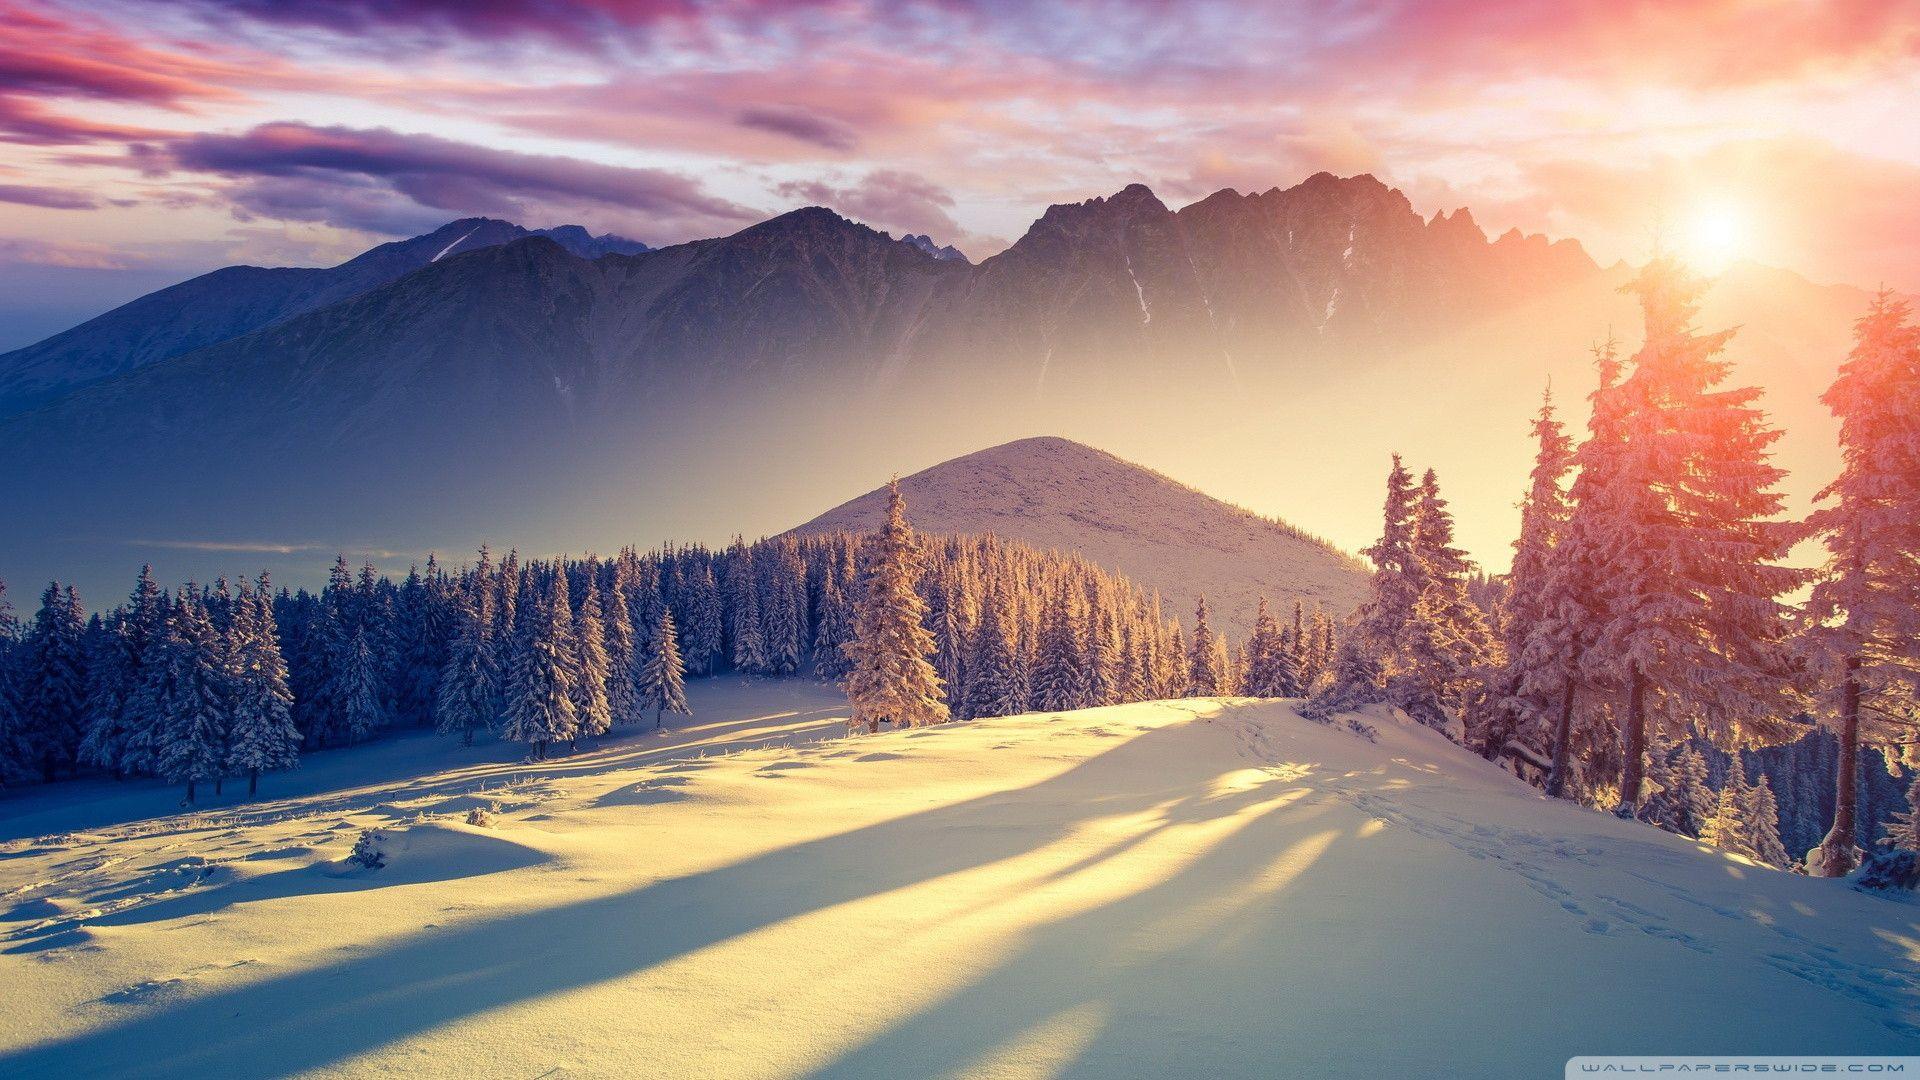 Winter Wallpaper Hd 58 Best Free Winter Wallpaper Hd Images For Laptop Winter Wallpaper Hd Winter Wallpaper Desktop Winter Wallpaper